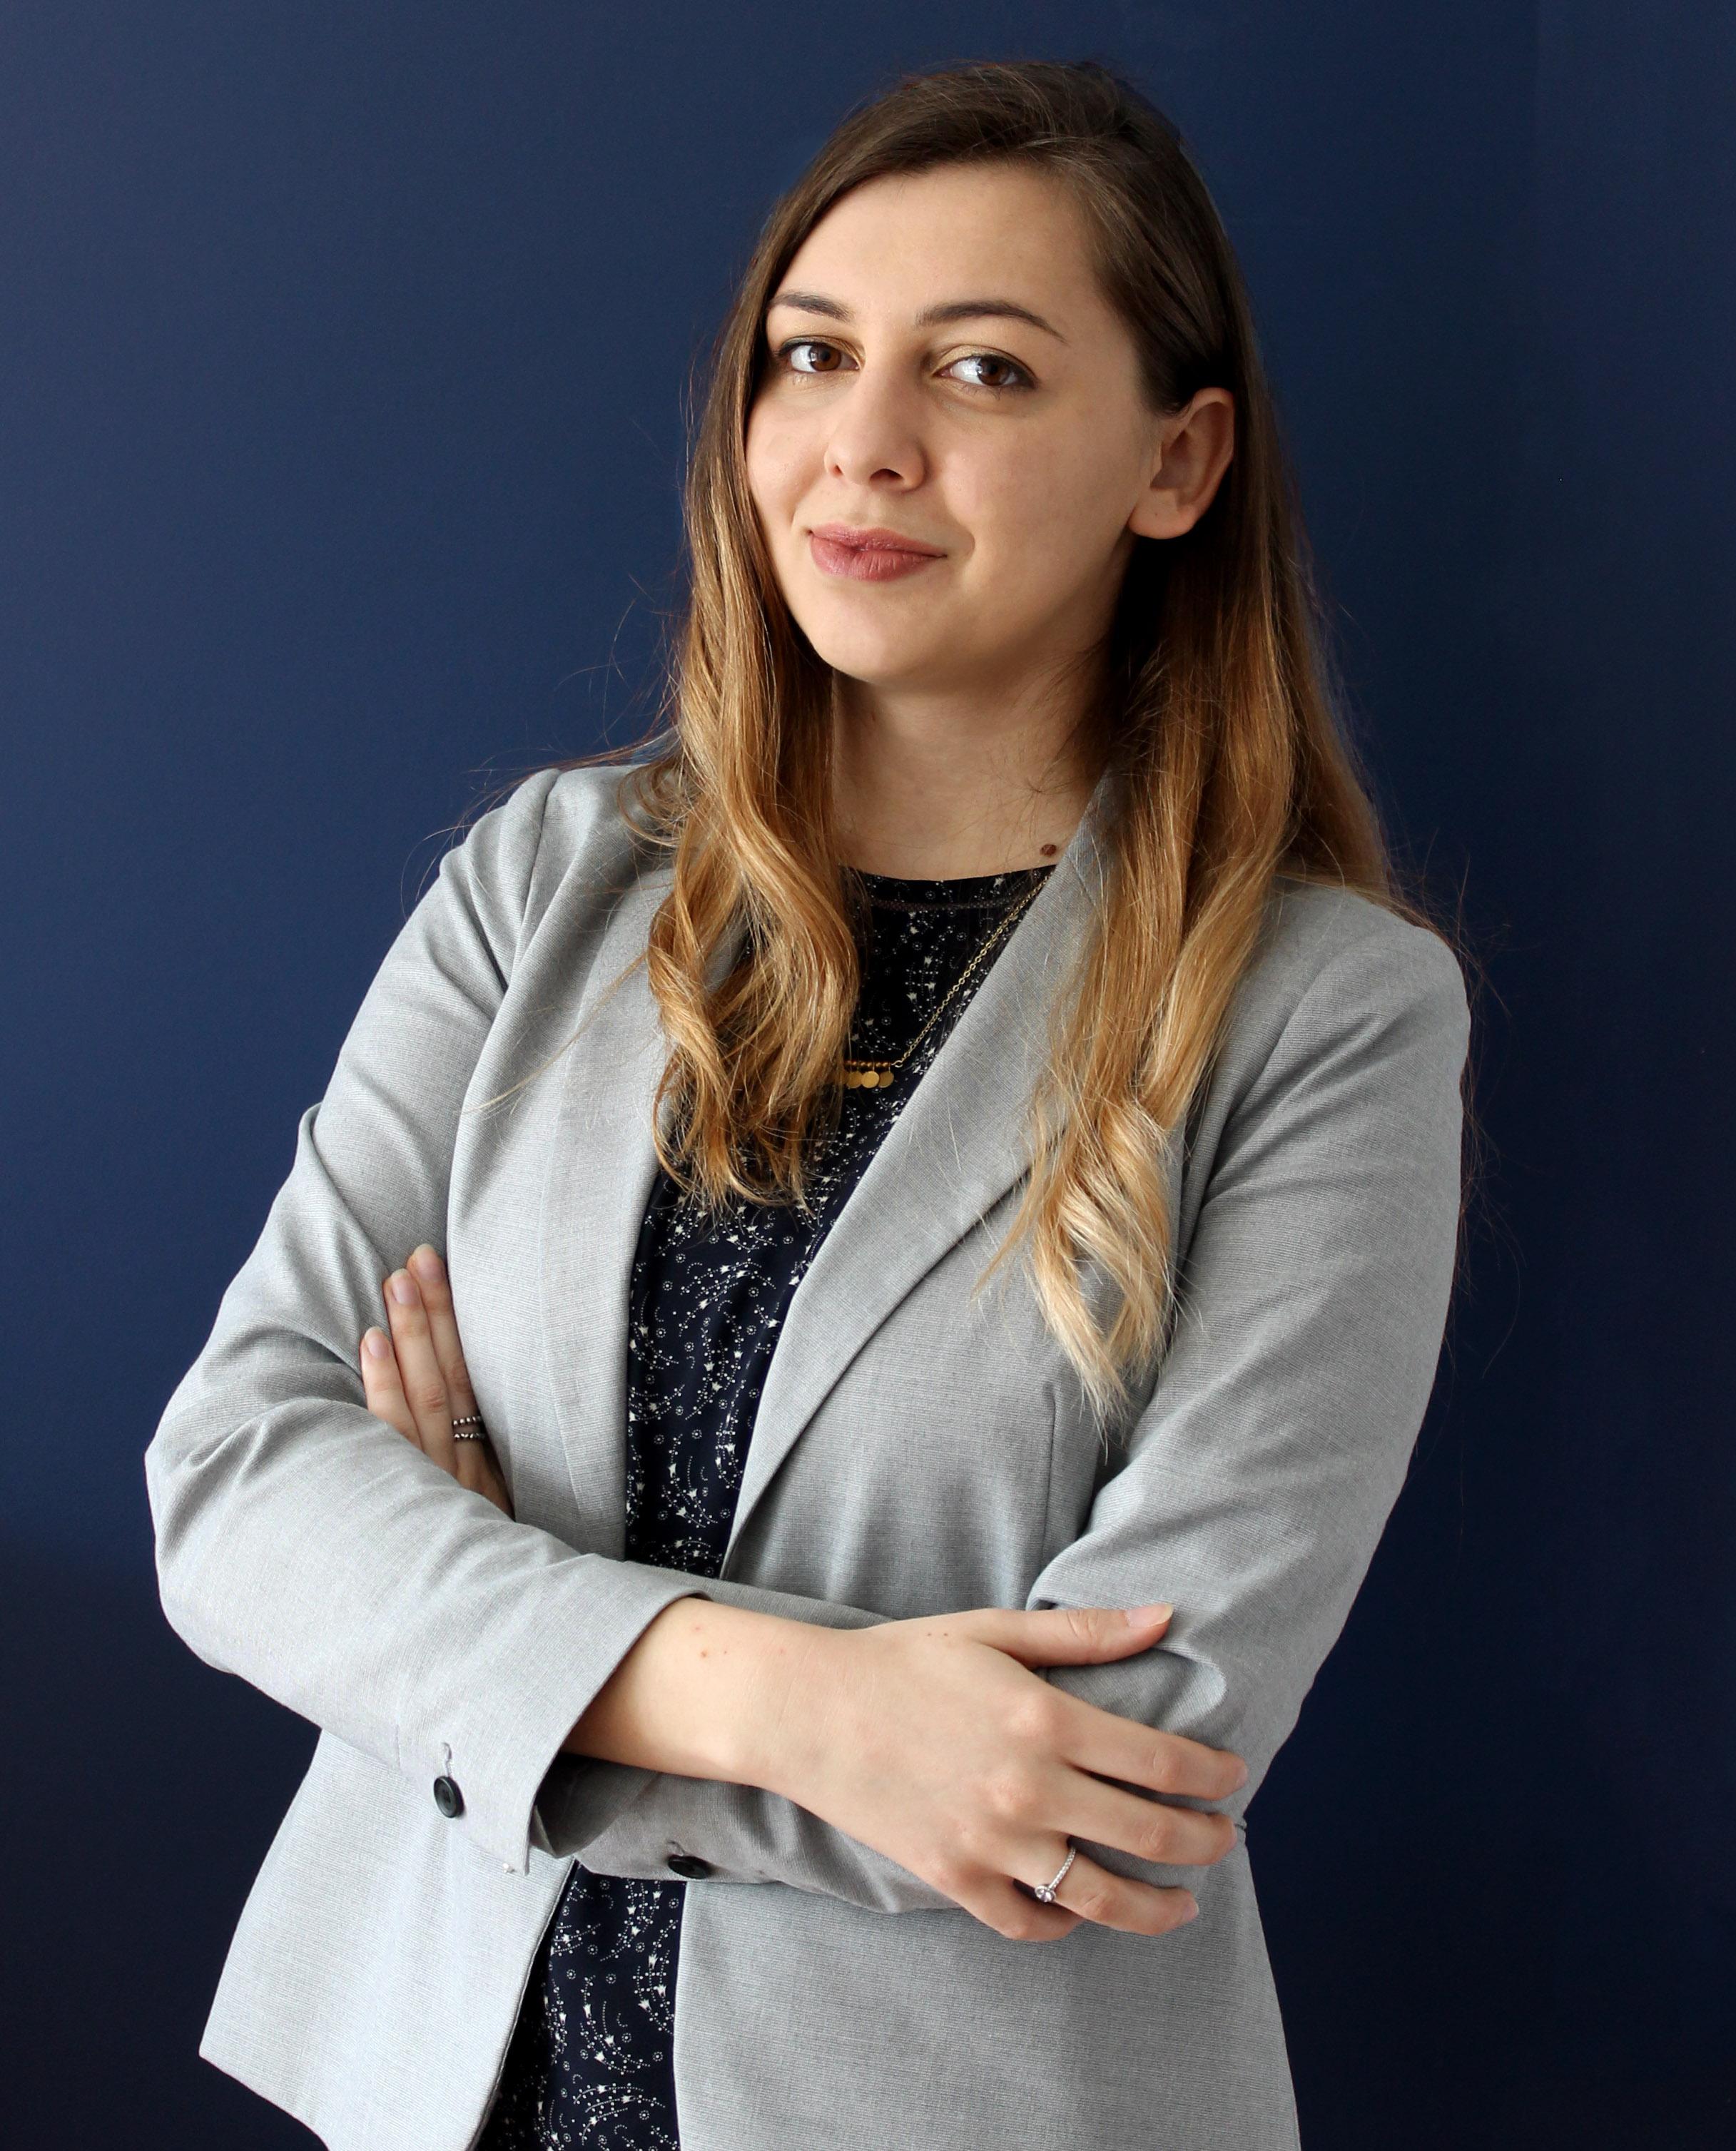 Plamena Krumova